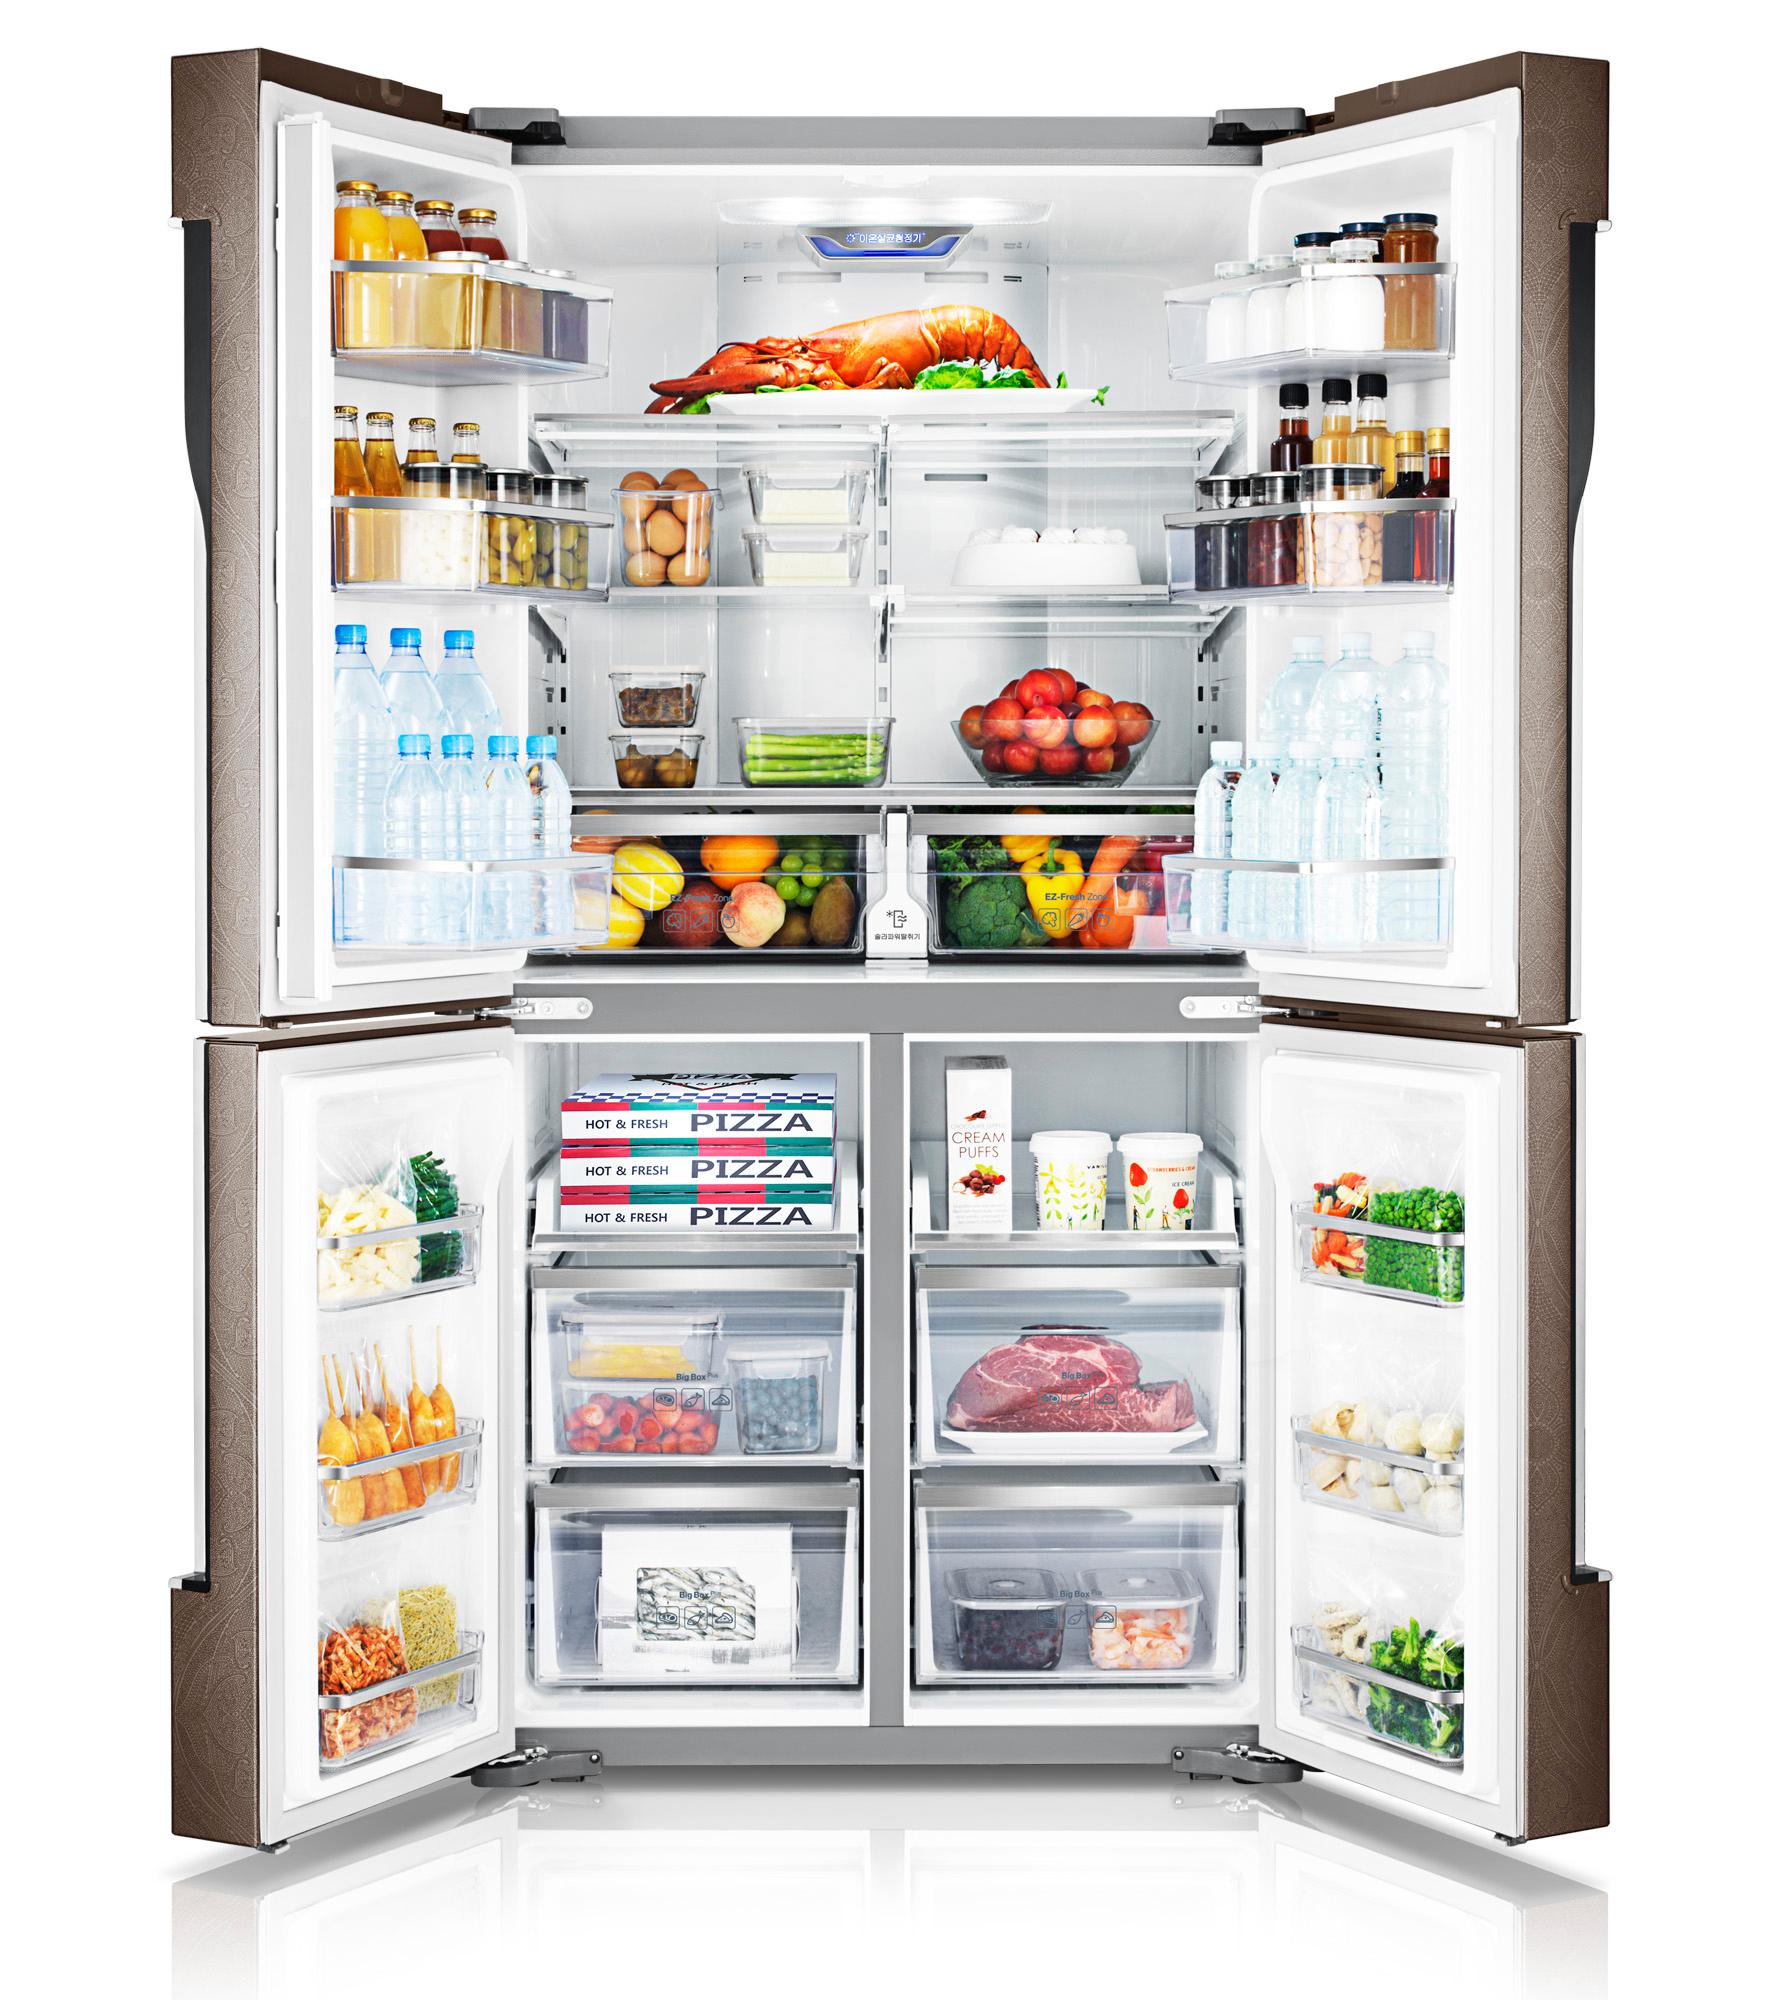 지펠T9000 냉장고 이미지입니다.